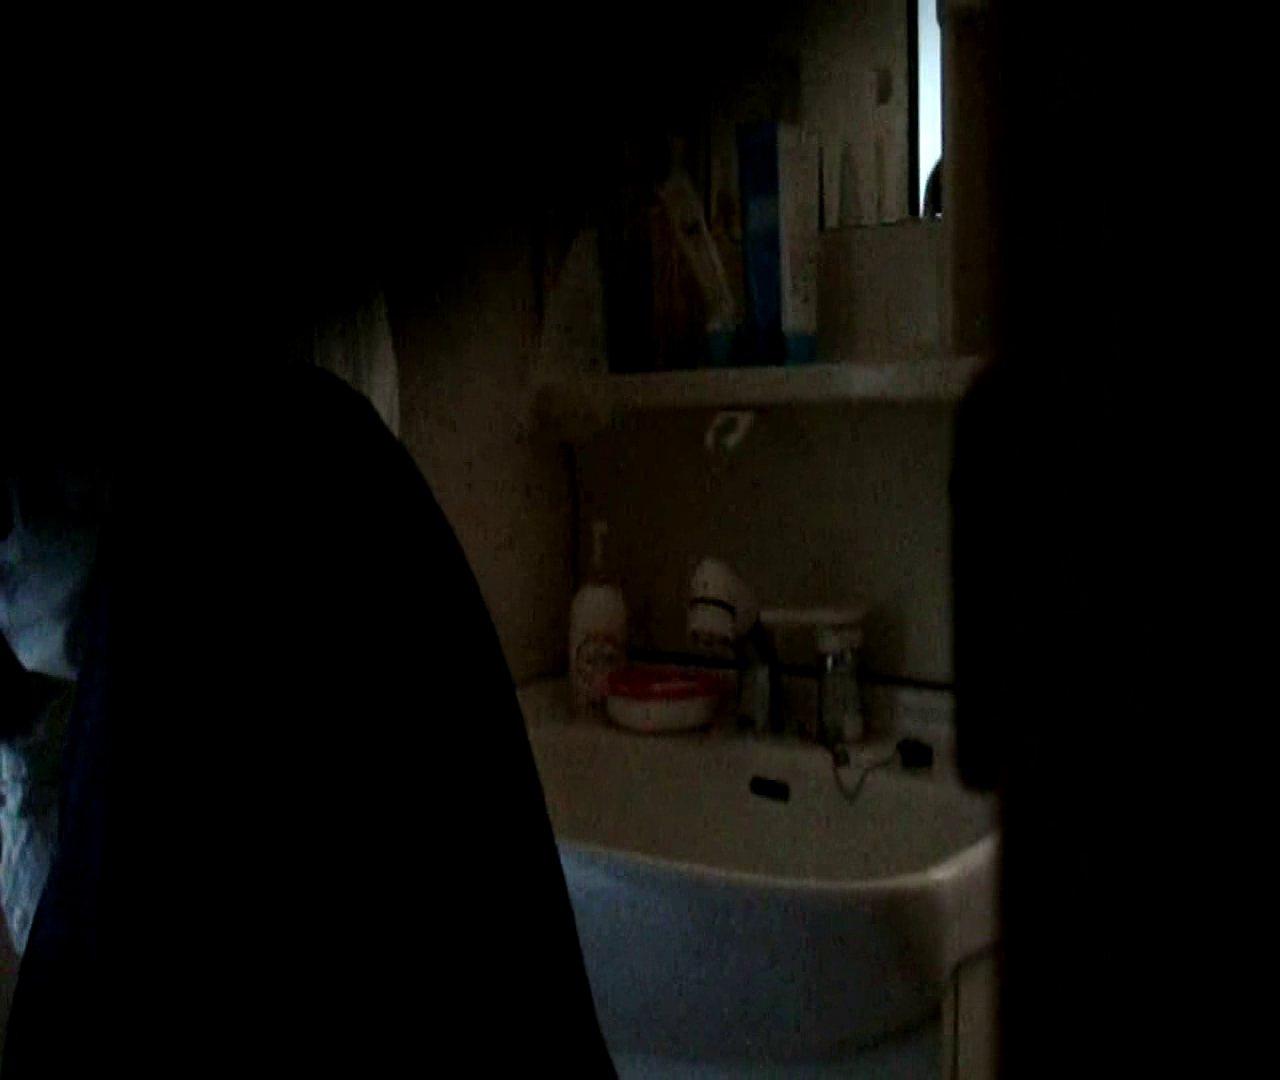 二人とも育てた甲斐がありました… vol.05 まどかが洗顔後にブラを洗濯 HなOL | 0  98pic 4